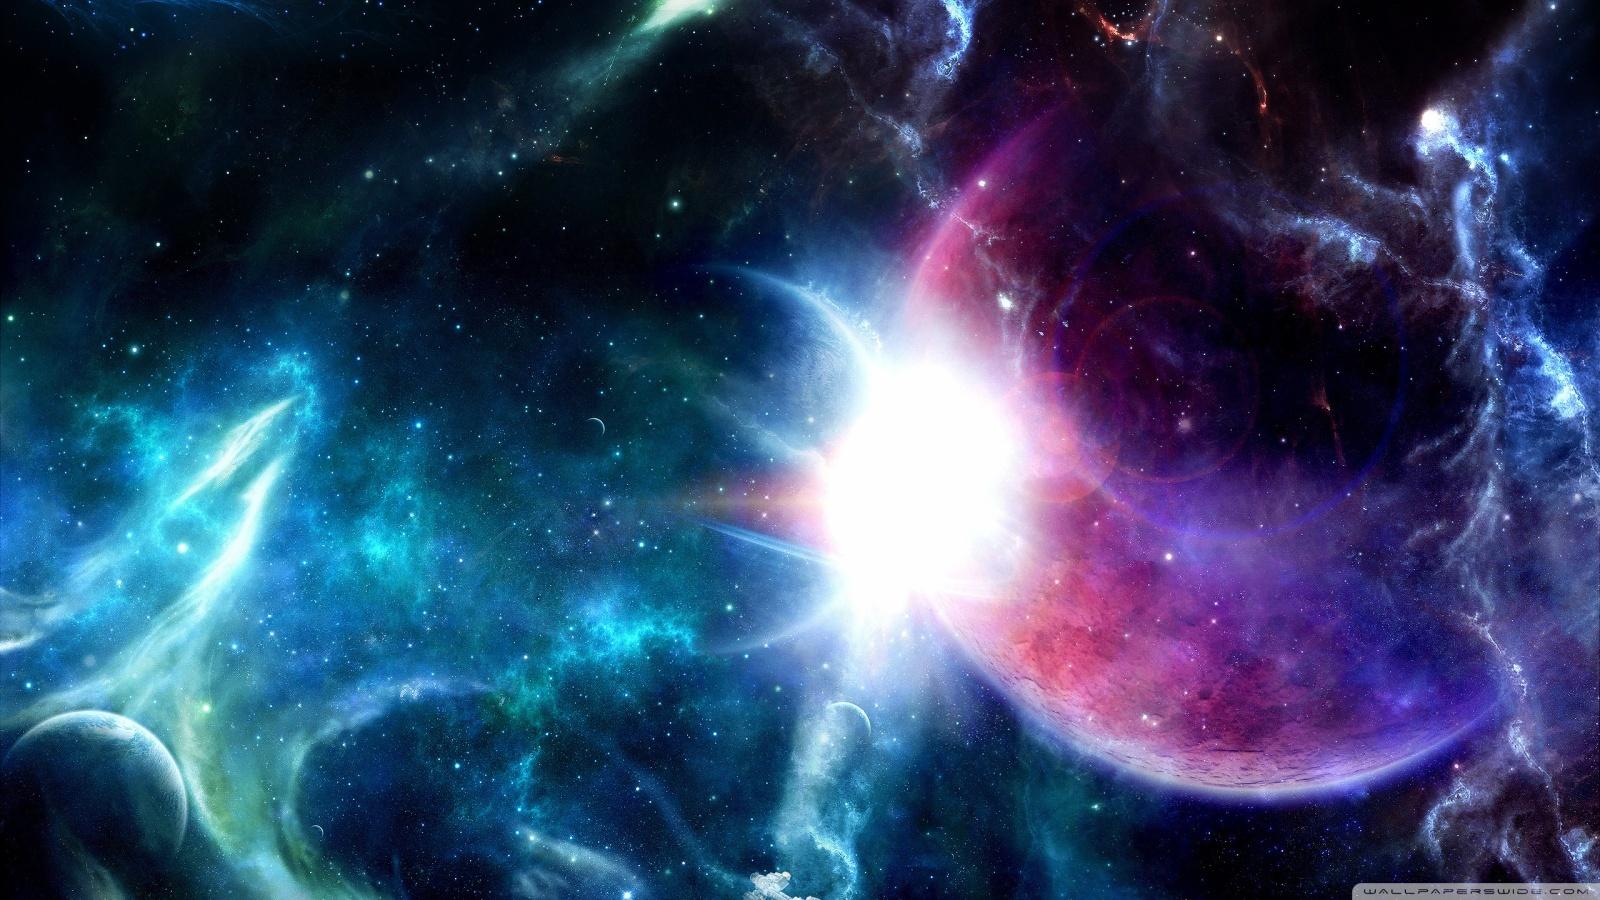 20284 скачать обои Пейзаж, Планеты, Космос, Звезды - заставки и картинки бесплатно